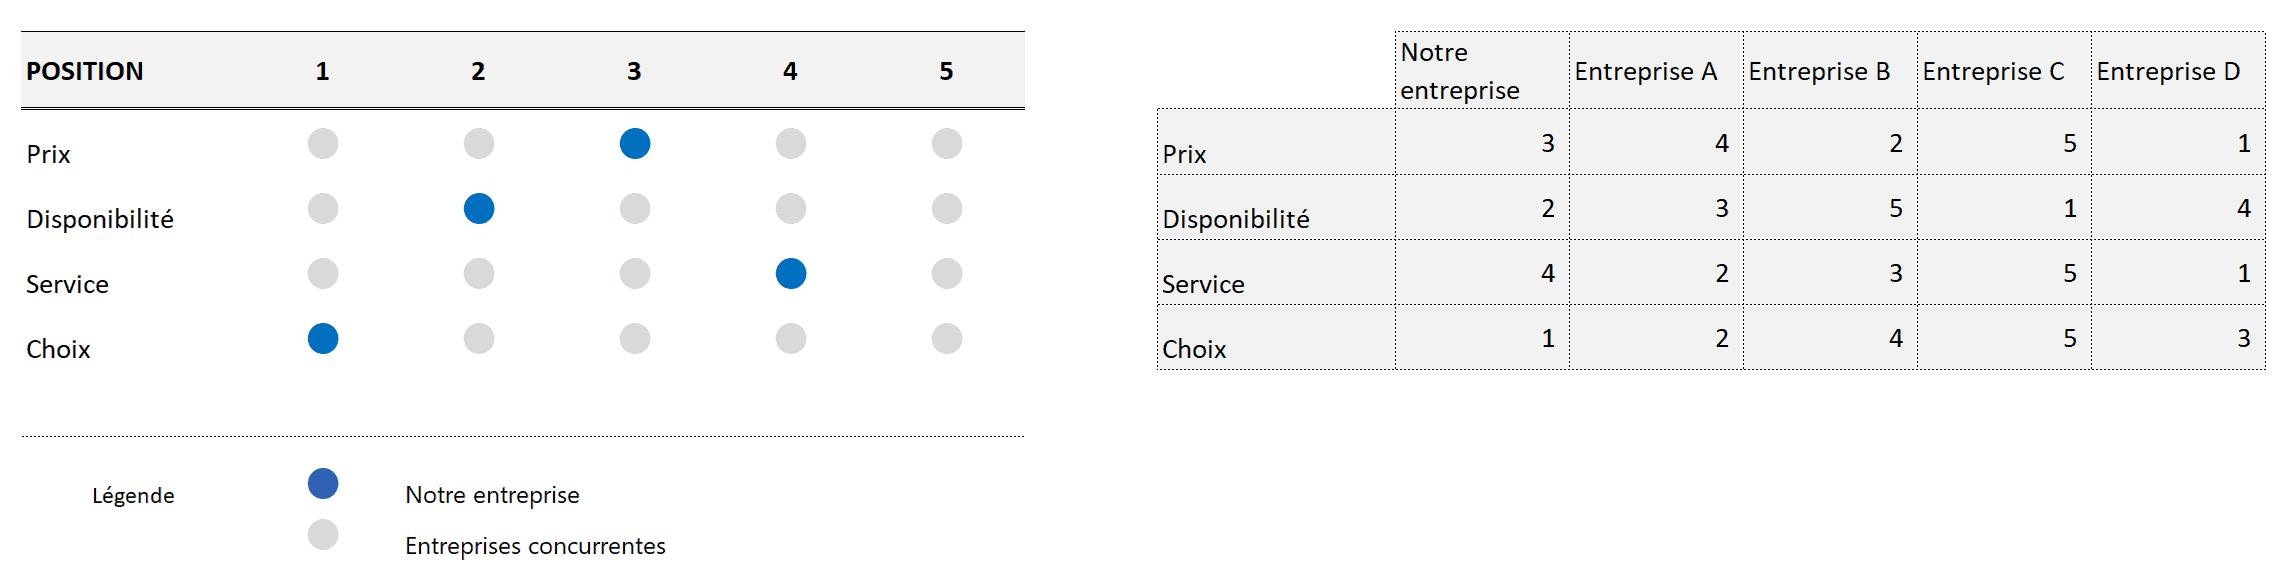 Tableau de comparaisons 1